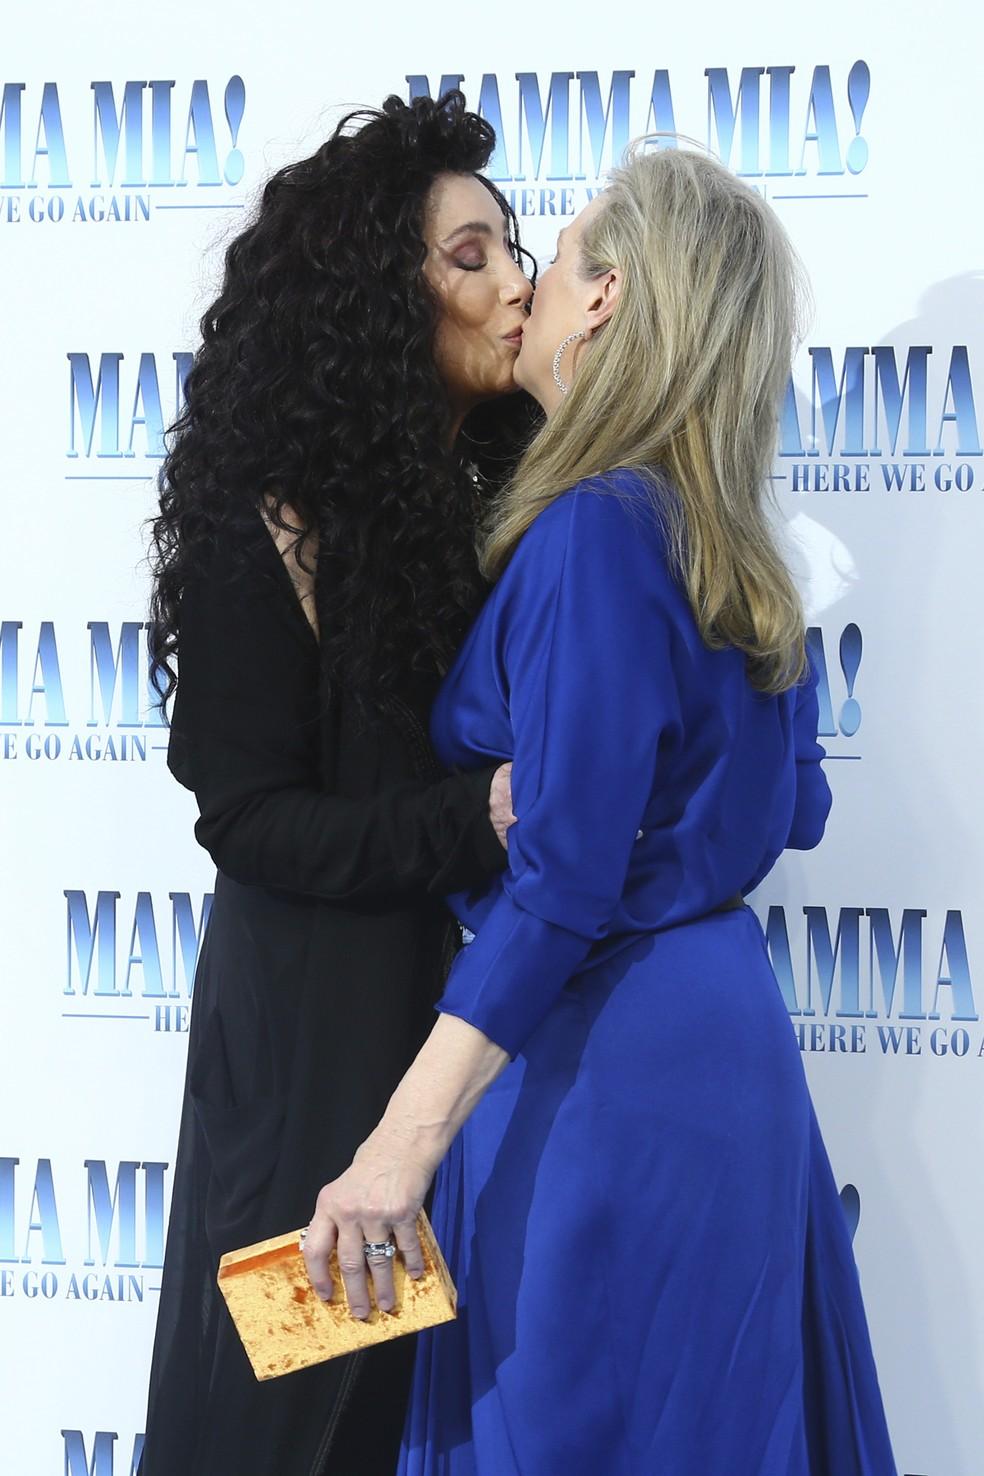 Meryl Streep e Cher dão selinho em evento de divulgação de novo filme 'Mamma mia!' (Foto: Joel C Ryan/Invision/AP)